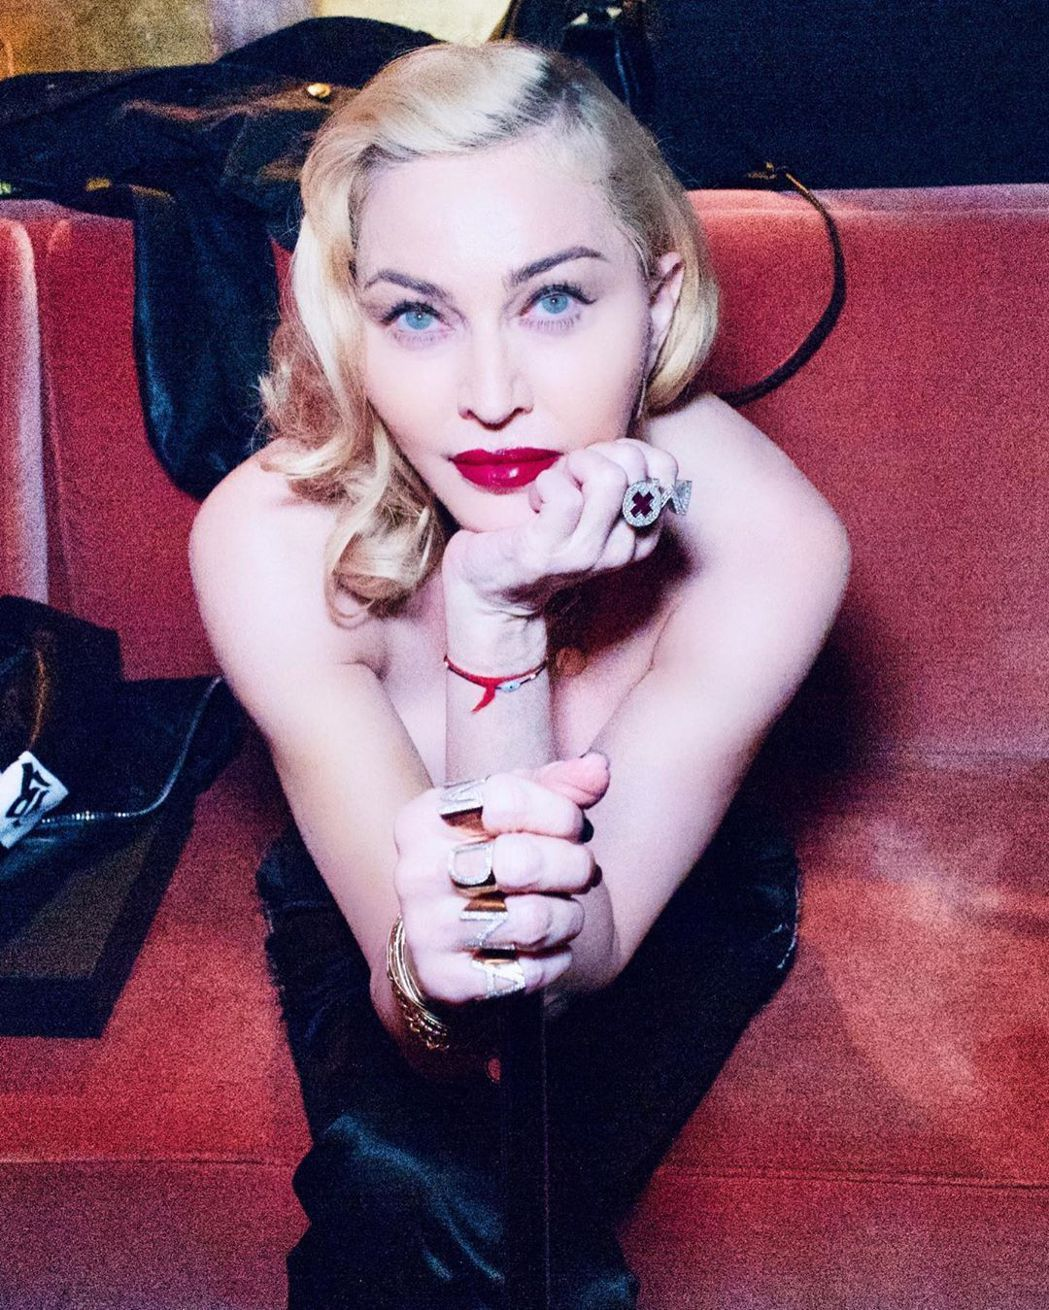 瑪丹娜傳出即將重返影壇,更有可能拍攝自己的傳記電影。圖/摘自IG